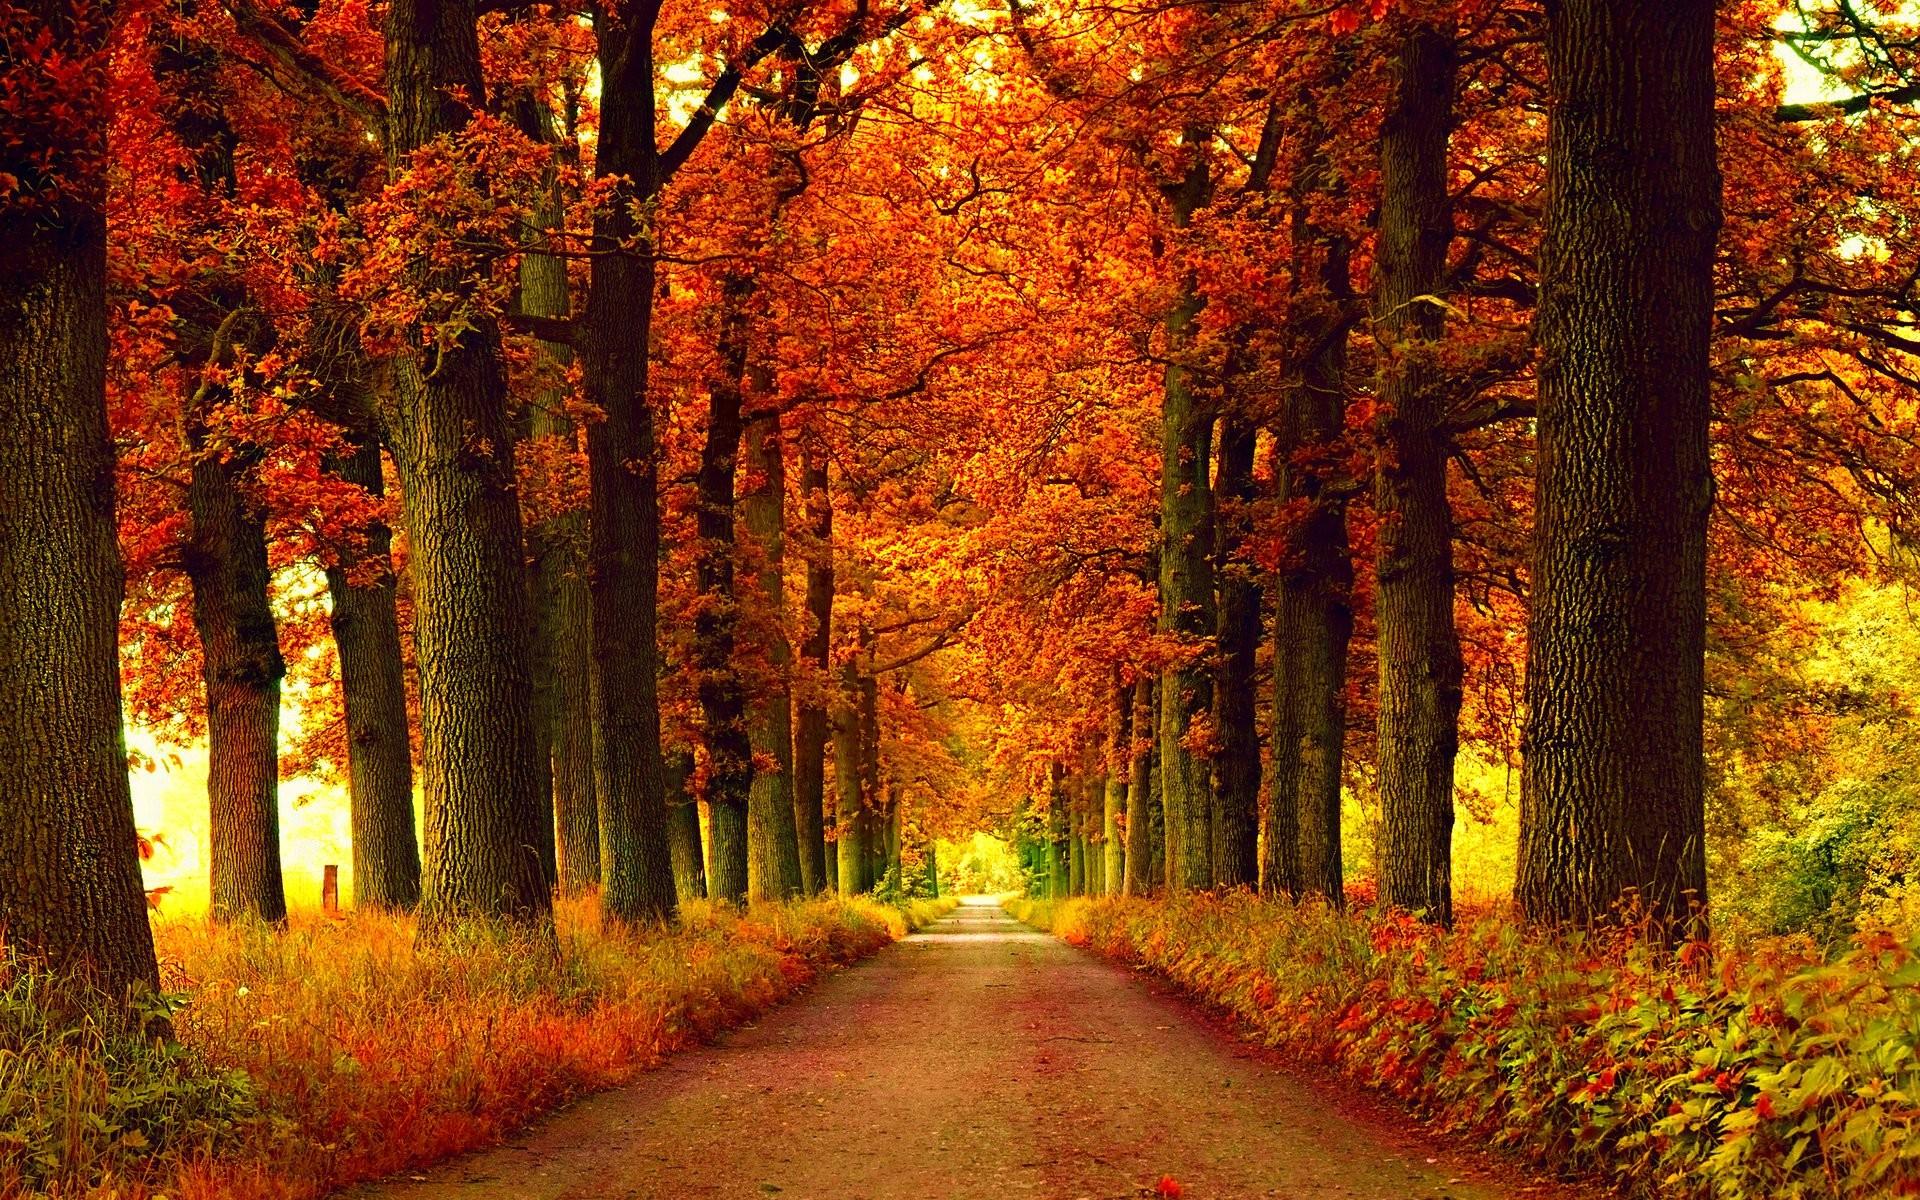 autumn season - photo #24